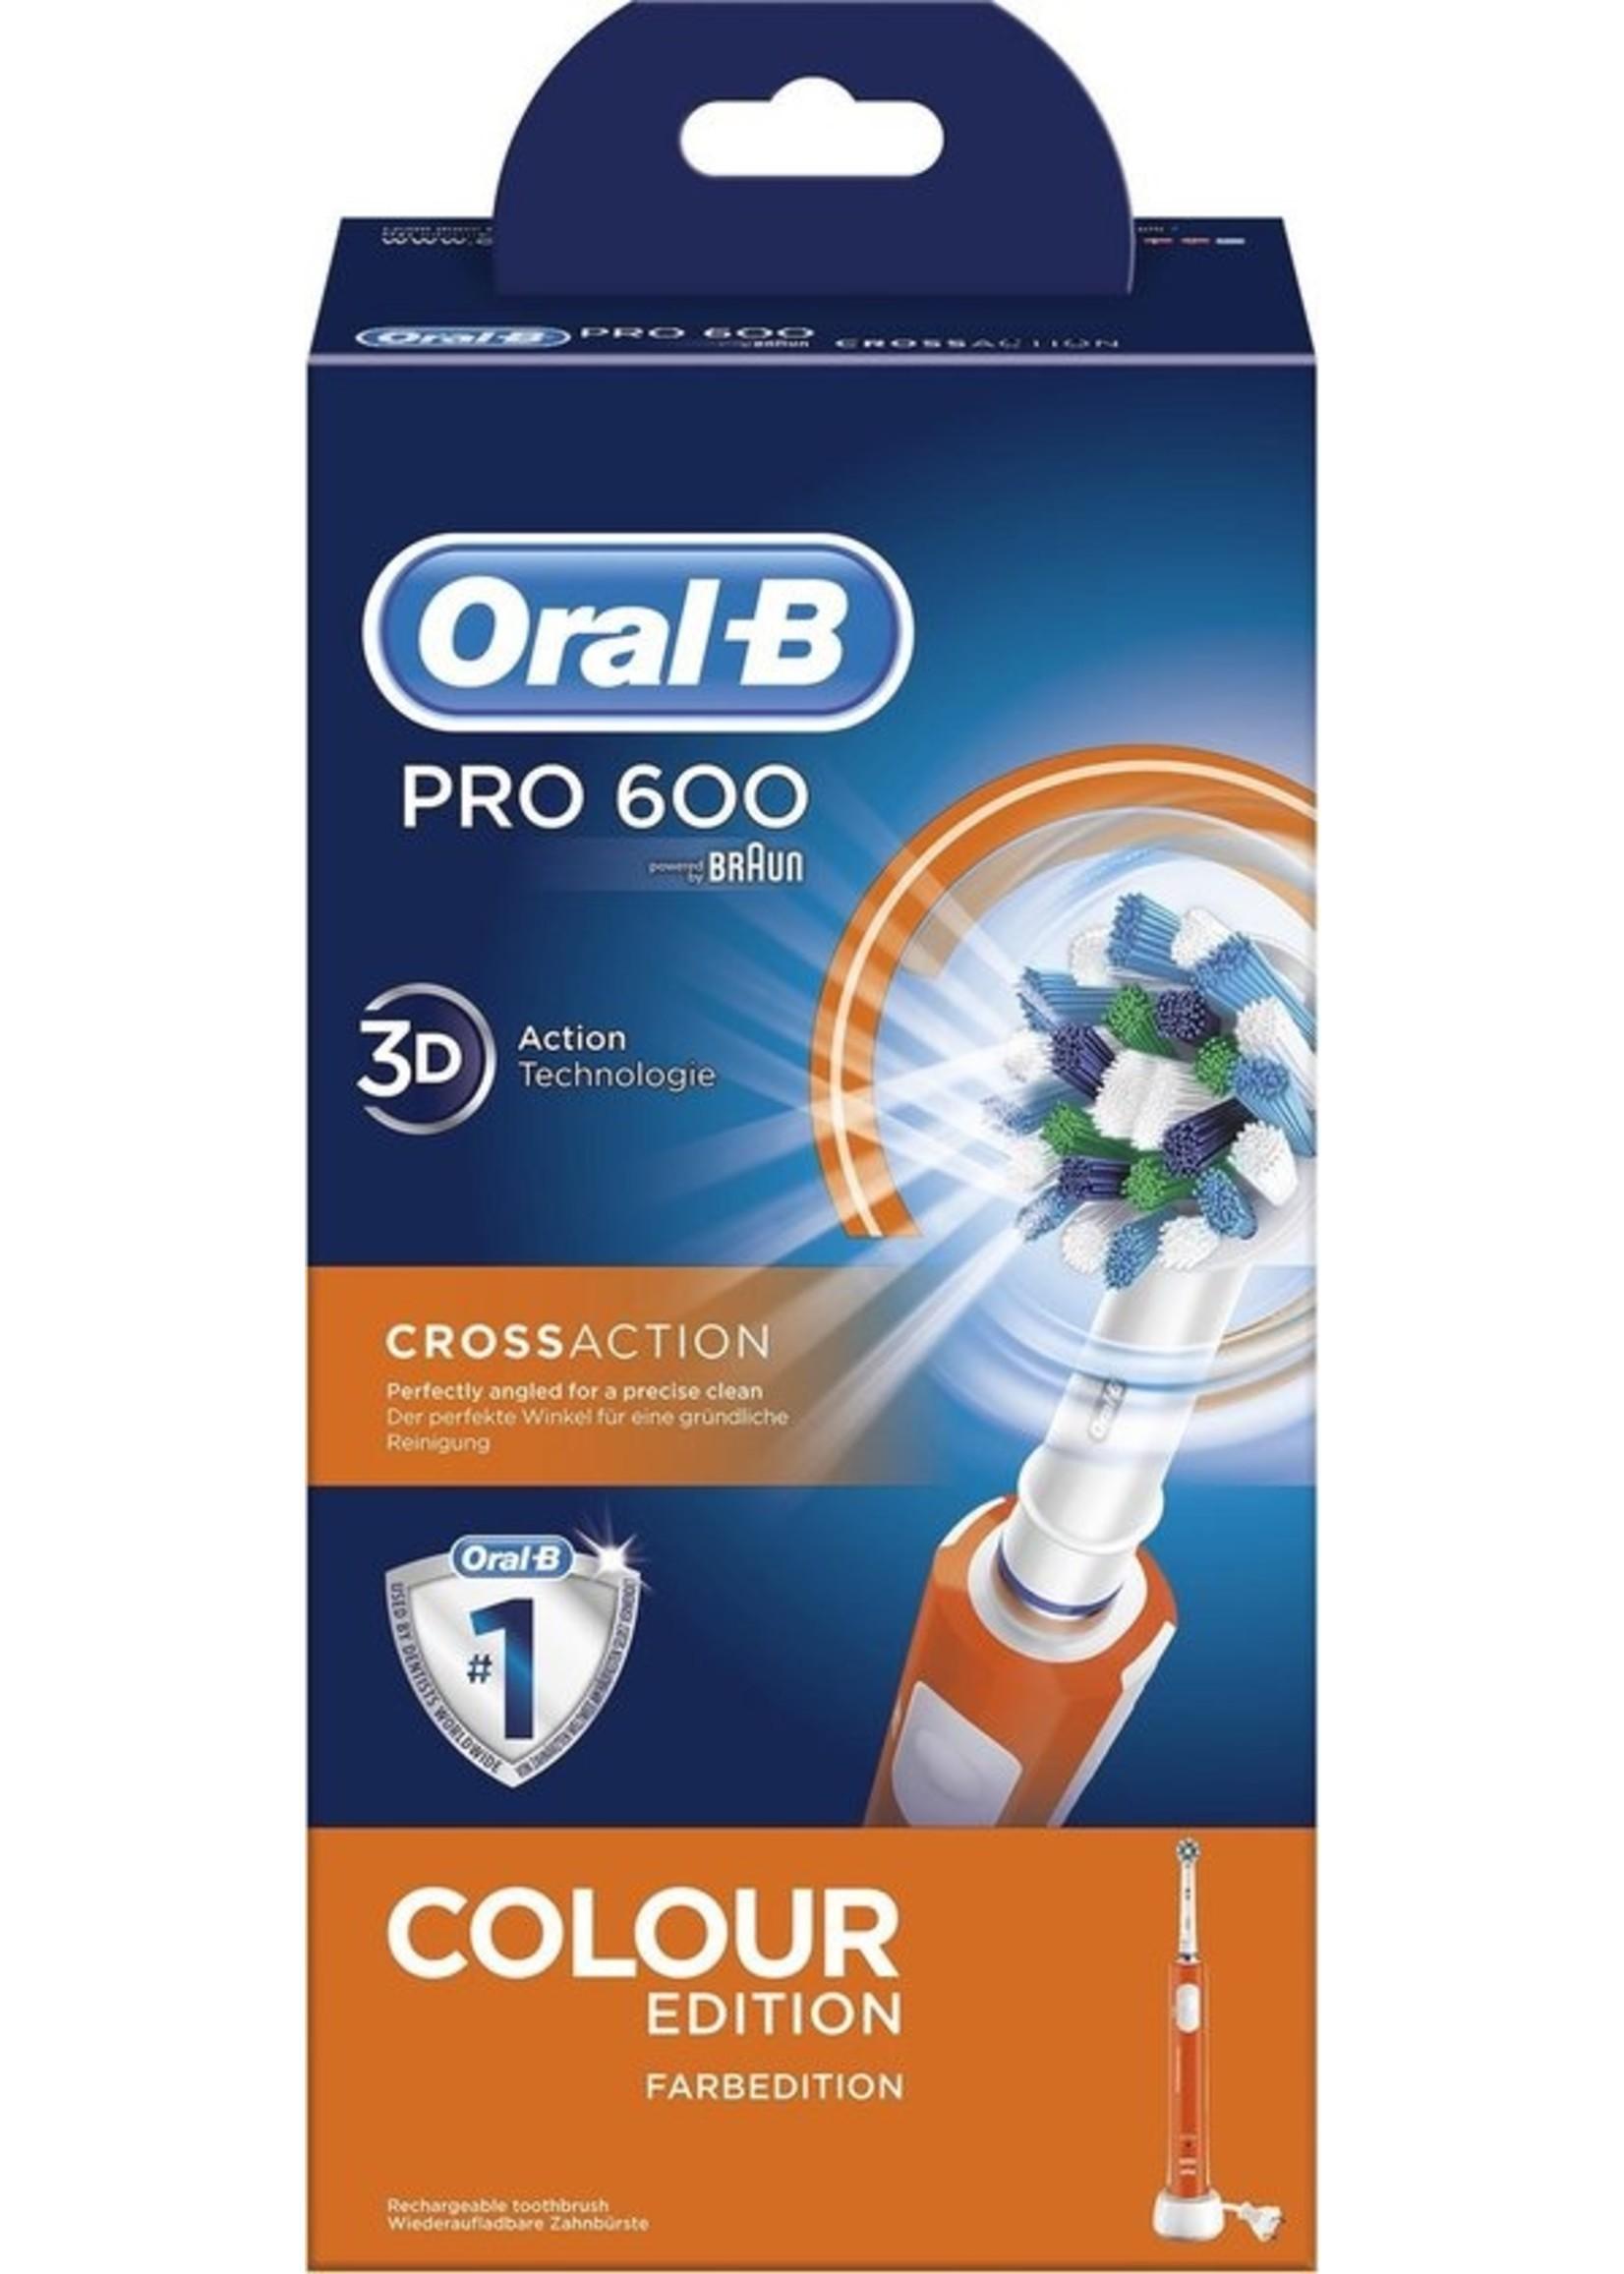 Oral-B Oral-B PRO 600 CrossAction - Elektrische Tandenborstel - Orange edition